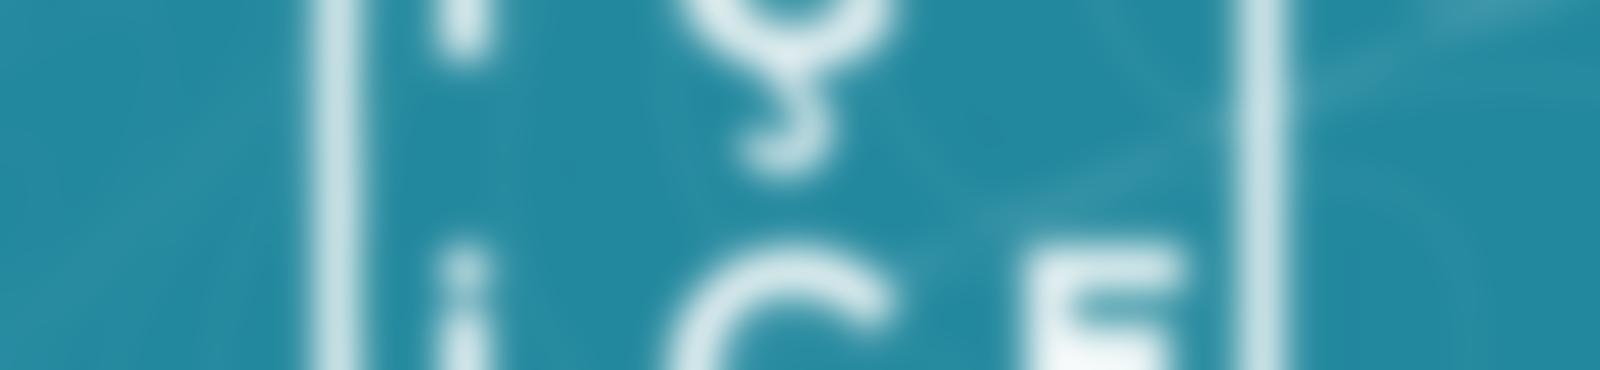 Blurred 05e78bd5 3878 4151 8910 65d81ab984ae